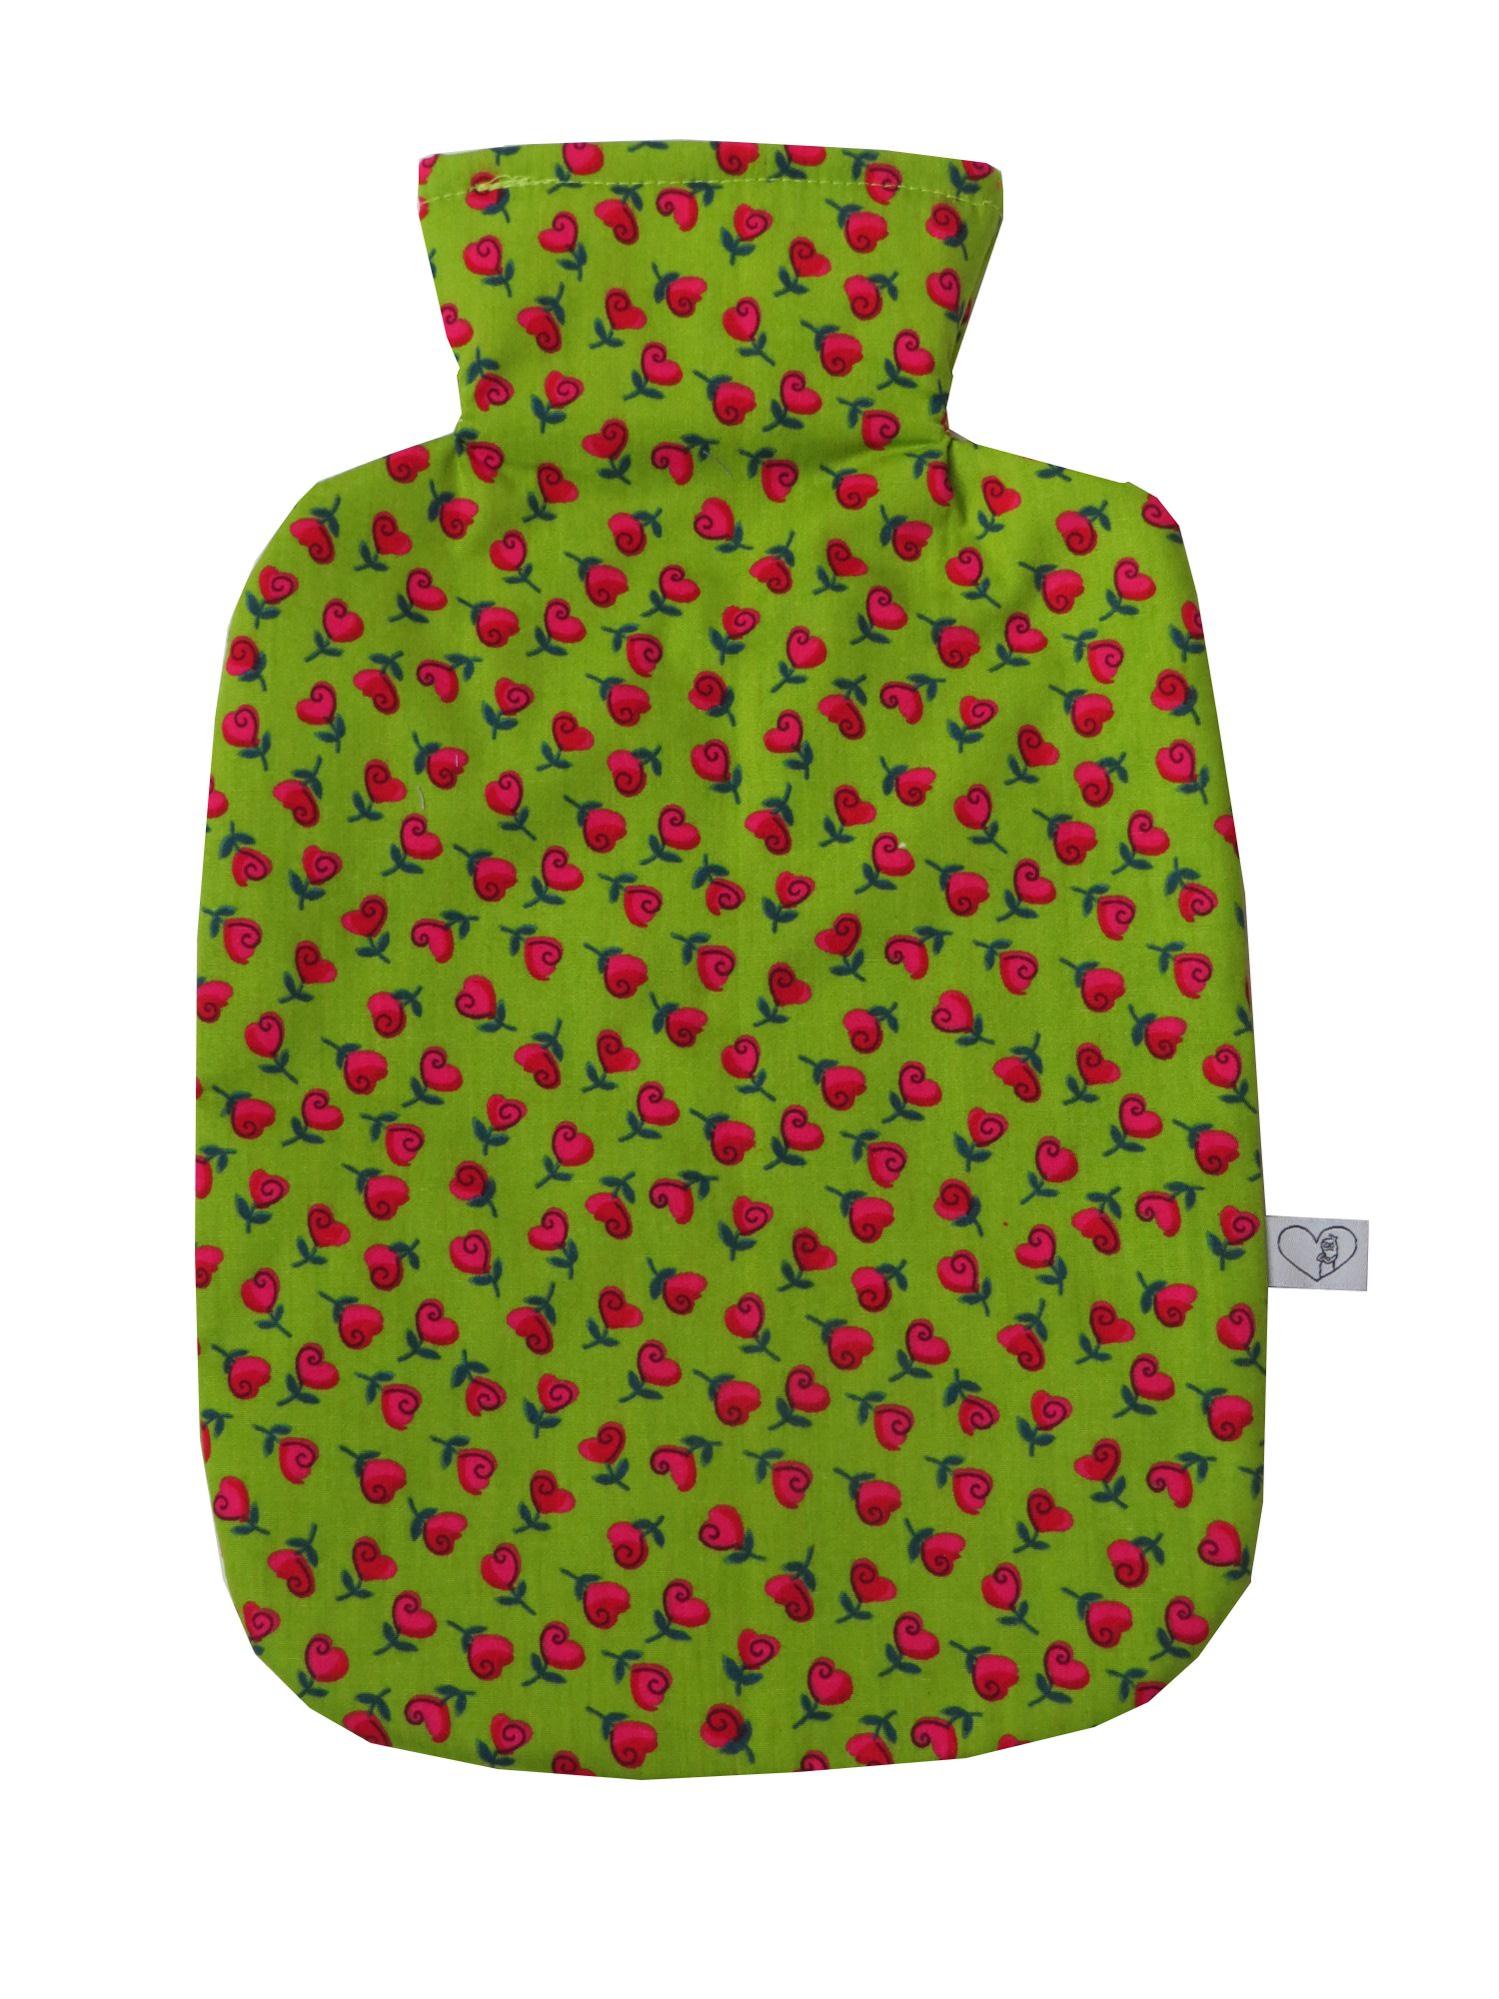 Kleinesbild - Wärmflaschenbezug hellgrün mit Herzblumen für 2l Wärmflasche